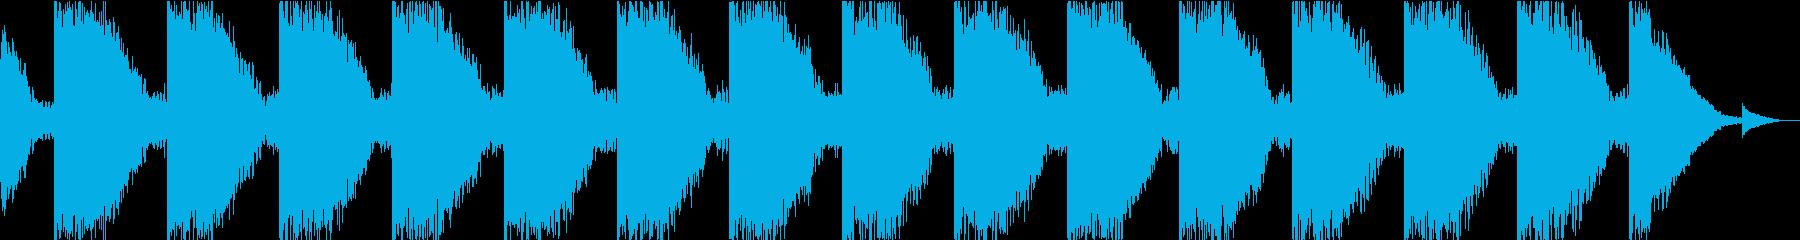 危険を知らせるブザーの音2の再生済みの波形